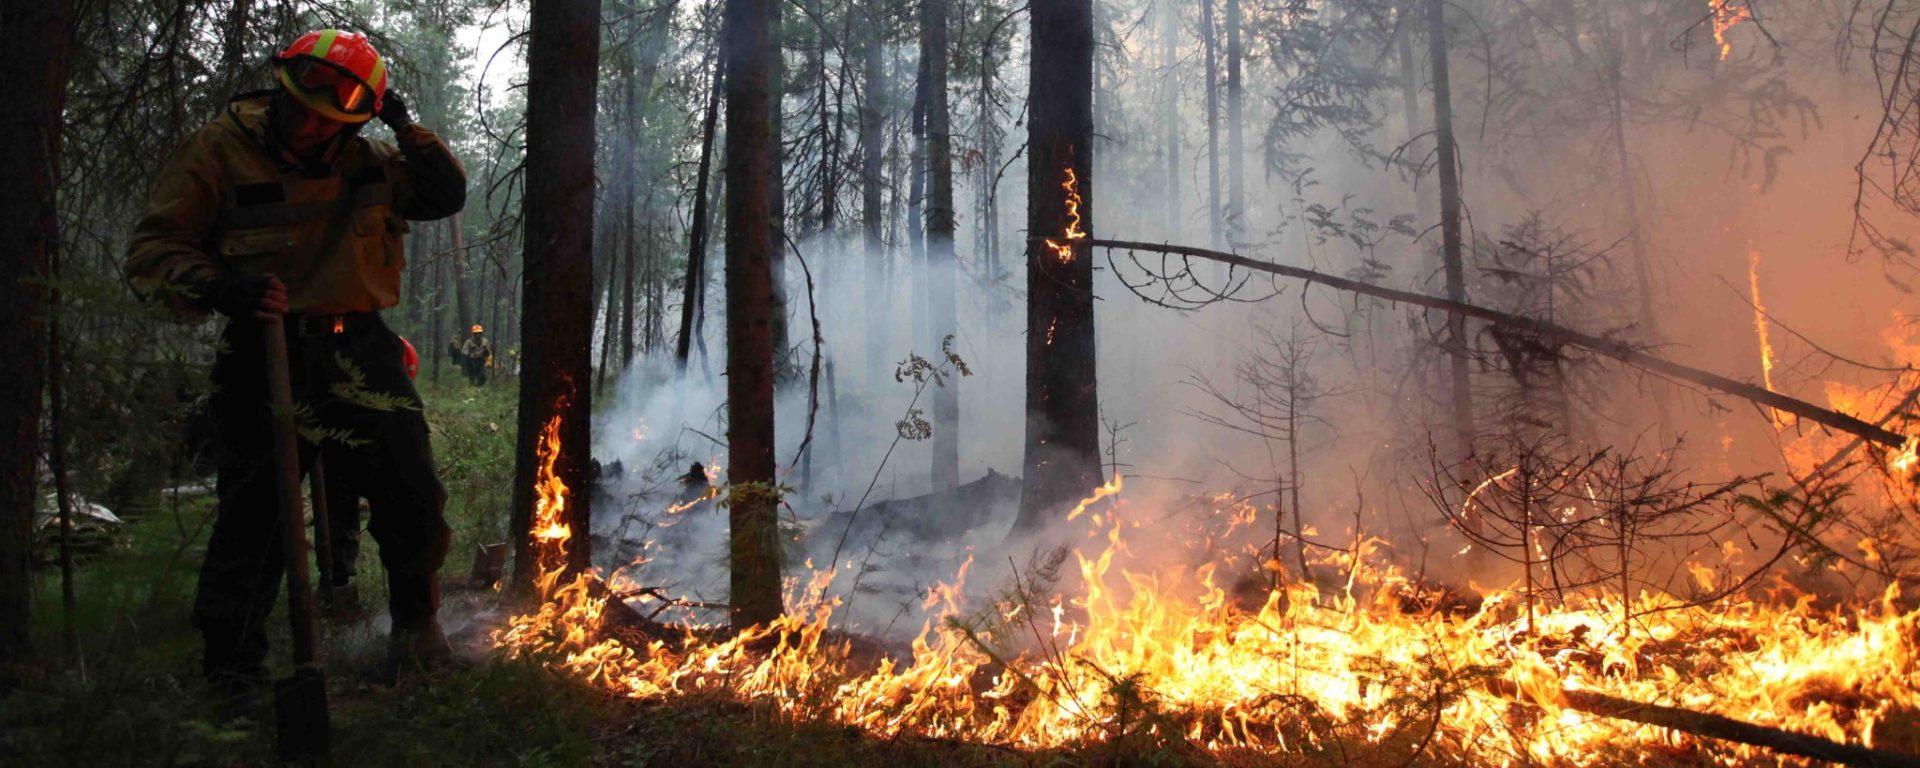 В Якутию прибудет дополнительная военная техника Минобороны России для тушения лесных пожаров